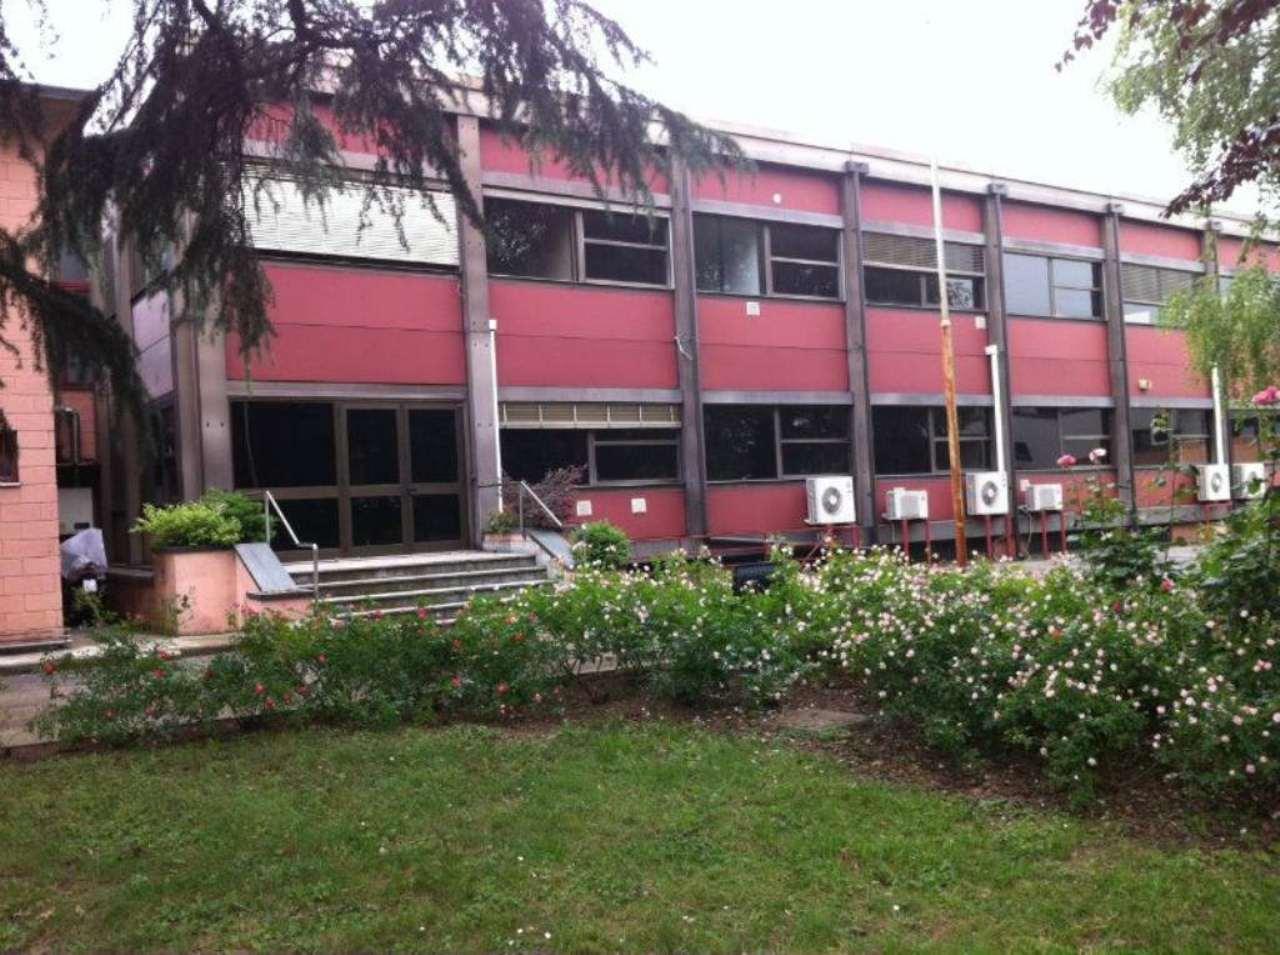 Capannone in vendita a Paderno Dugnano, 1 locali, Trattative riservate | Cambio Casa.it